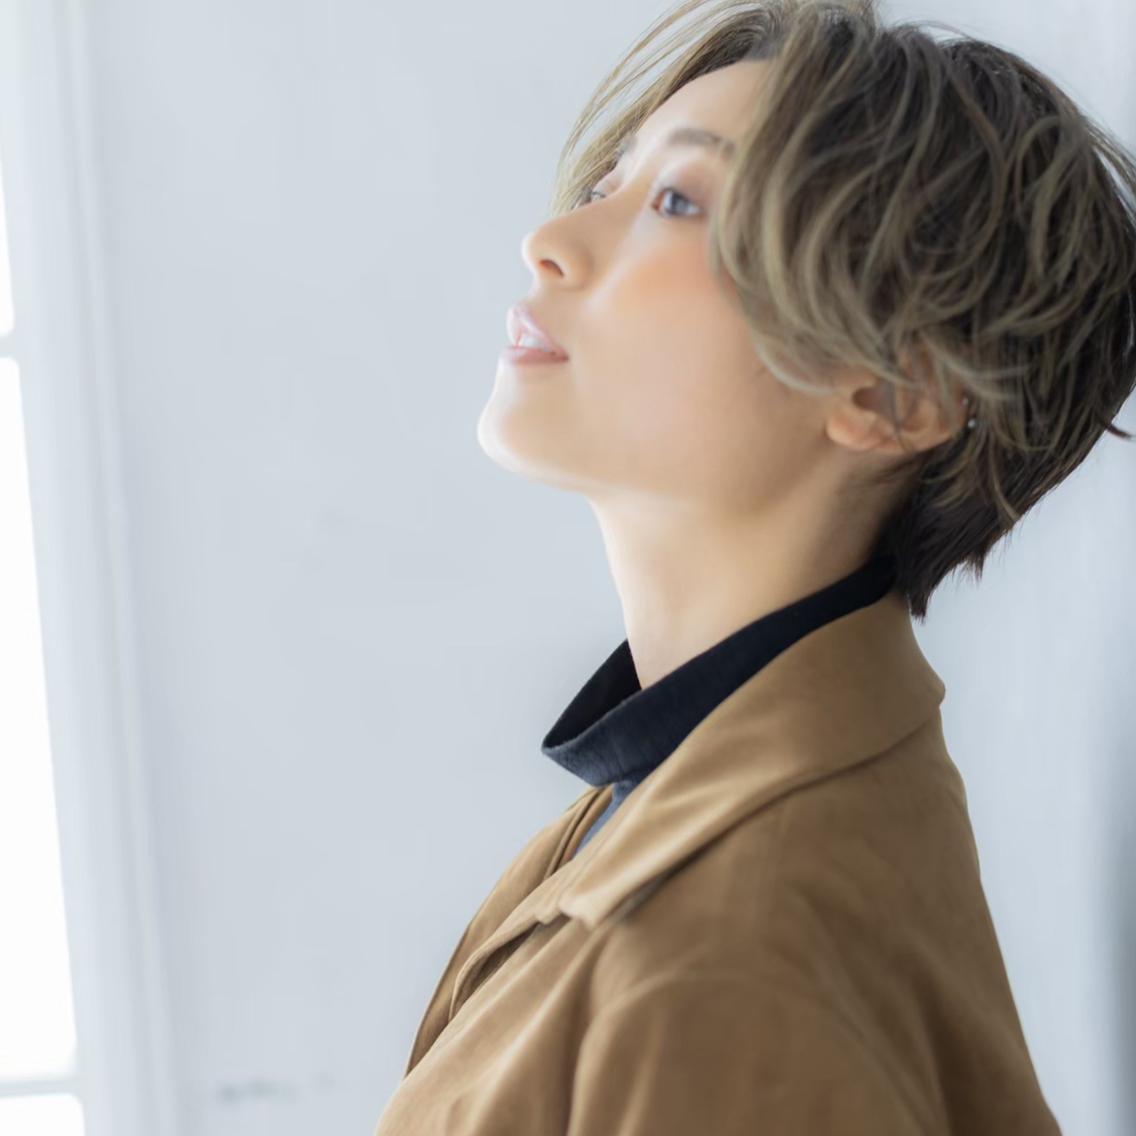 LAB+所属・白石 楓花の掲載